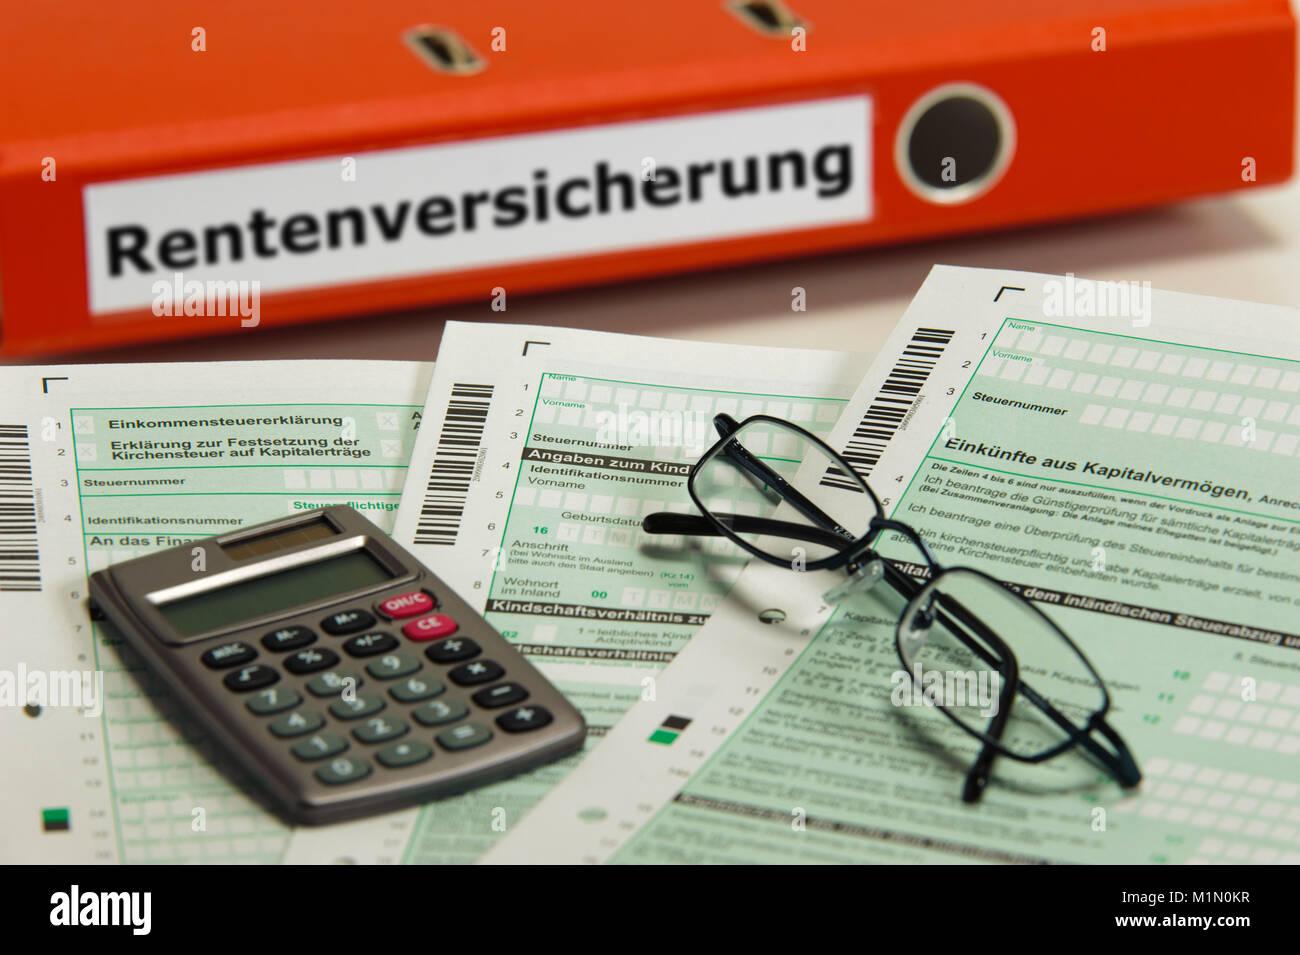 Rentenversicherung markiert auf Aktenordner Stock Photo